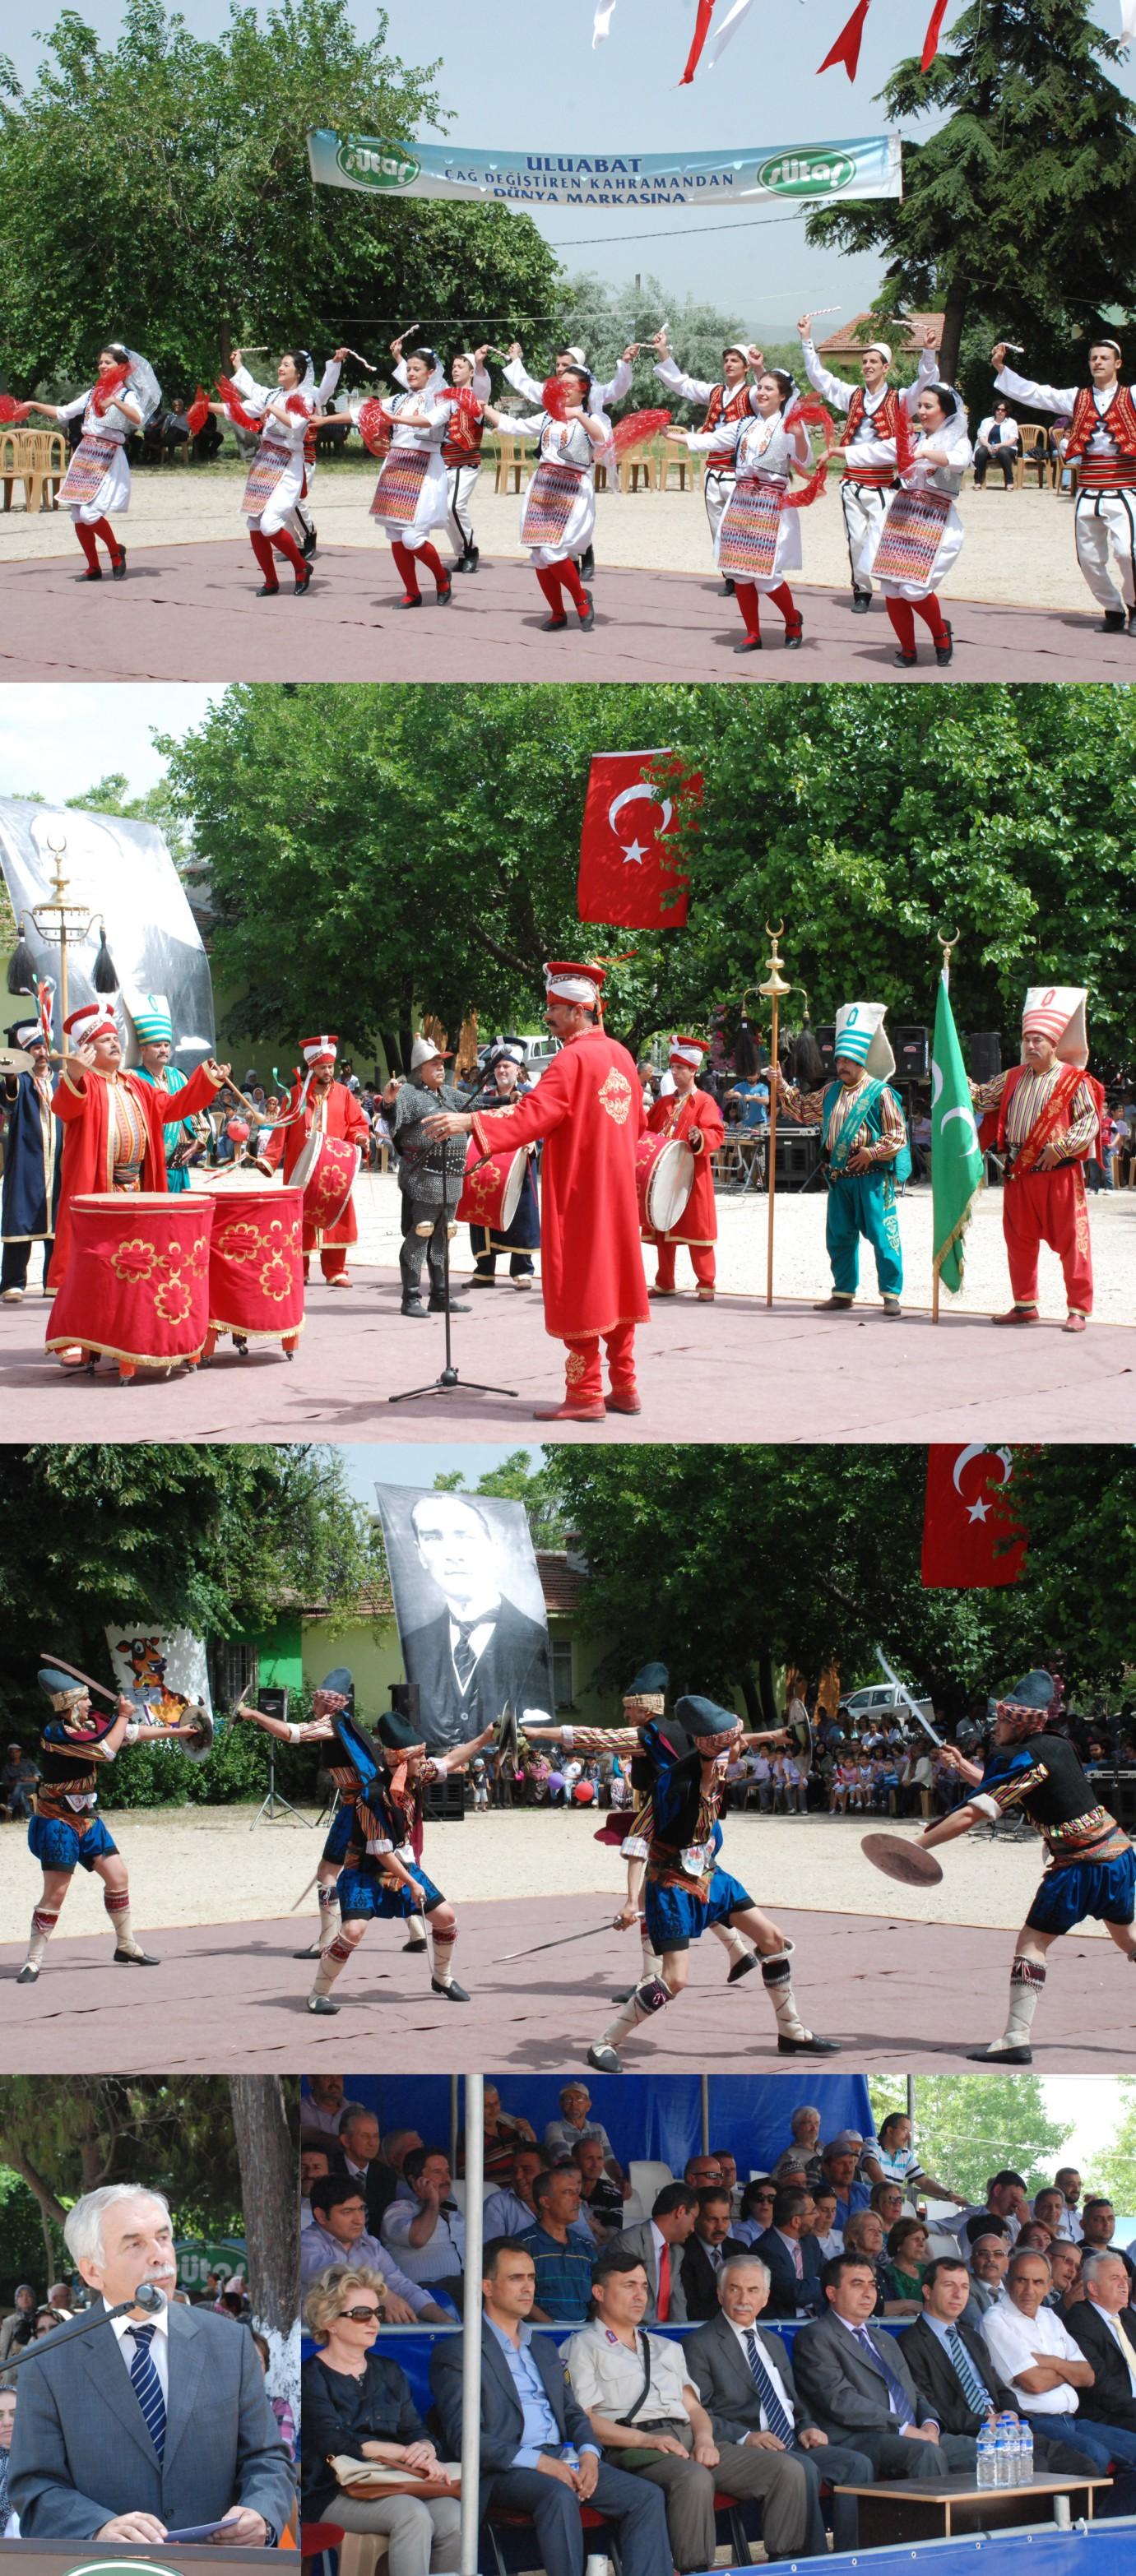 001-uluabatli-hasan-2013-002